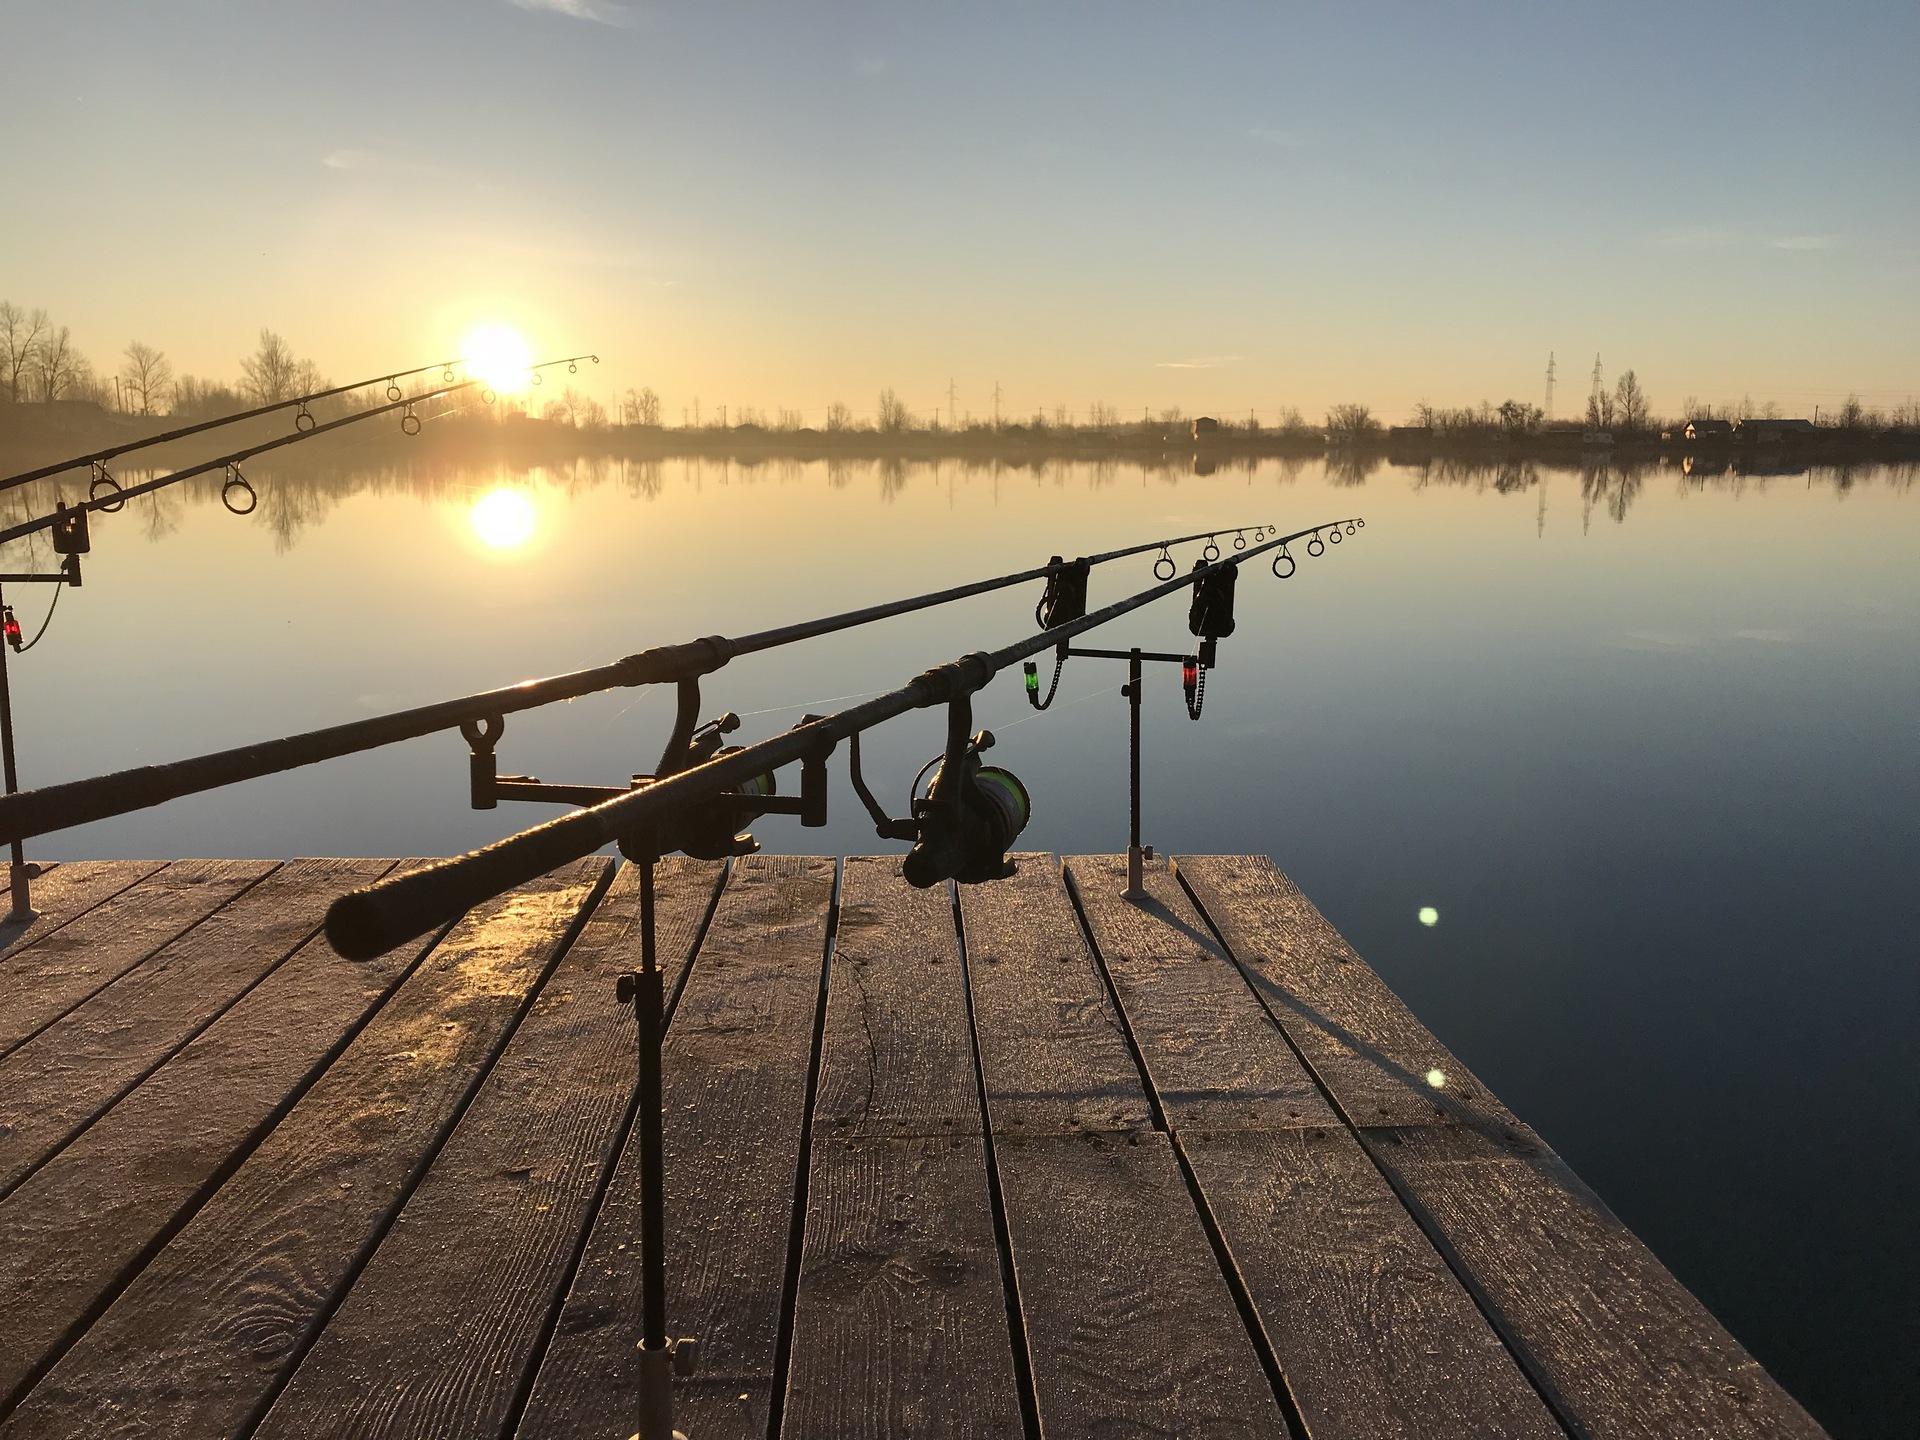 Közel százan próbáltak tavaly engedély nélkül horgászni a Balatonon